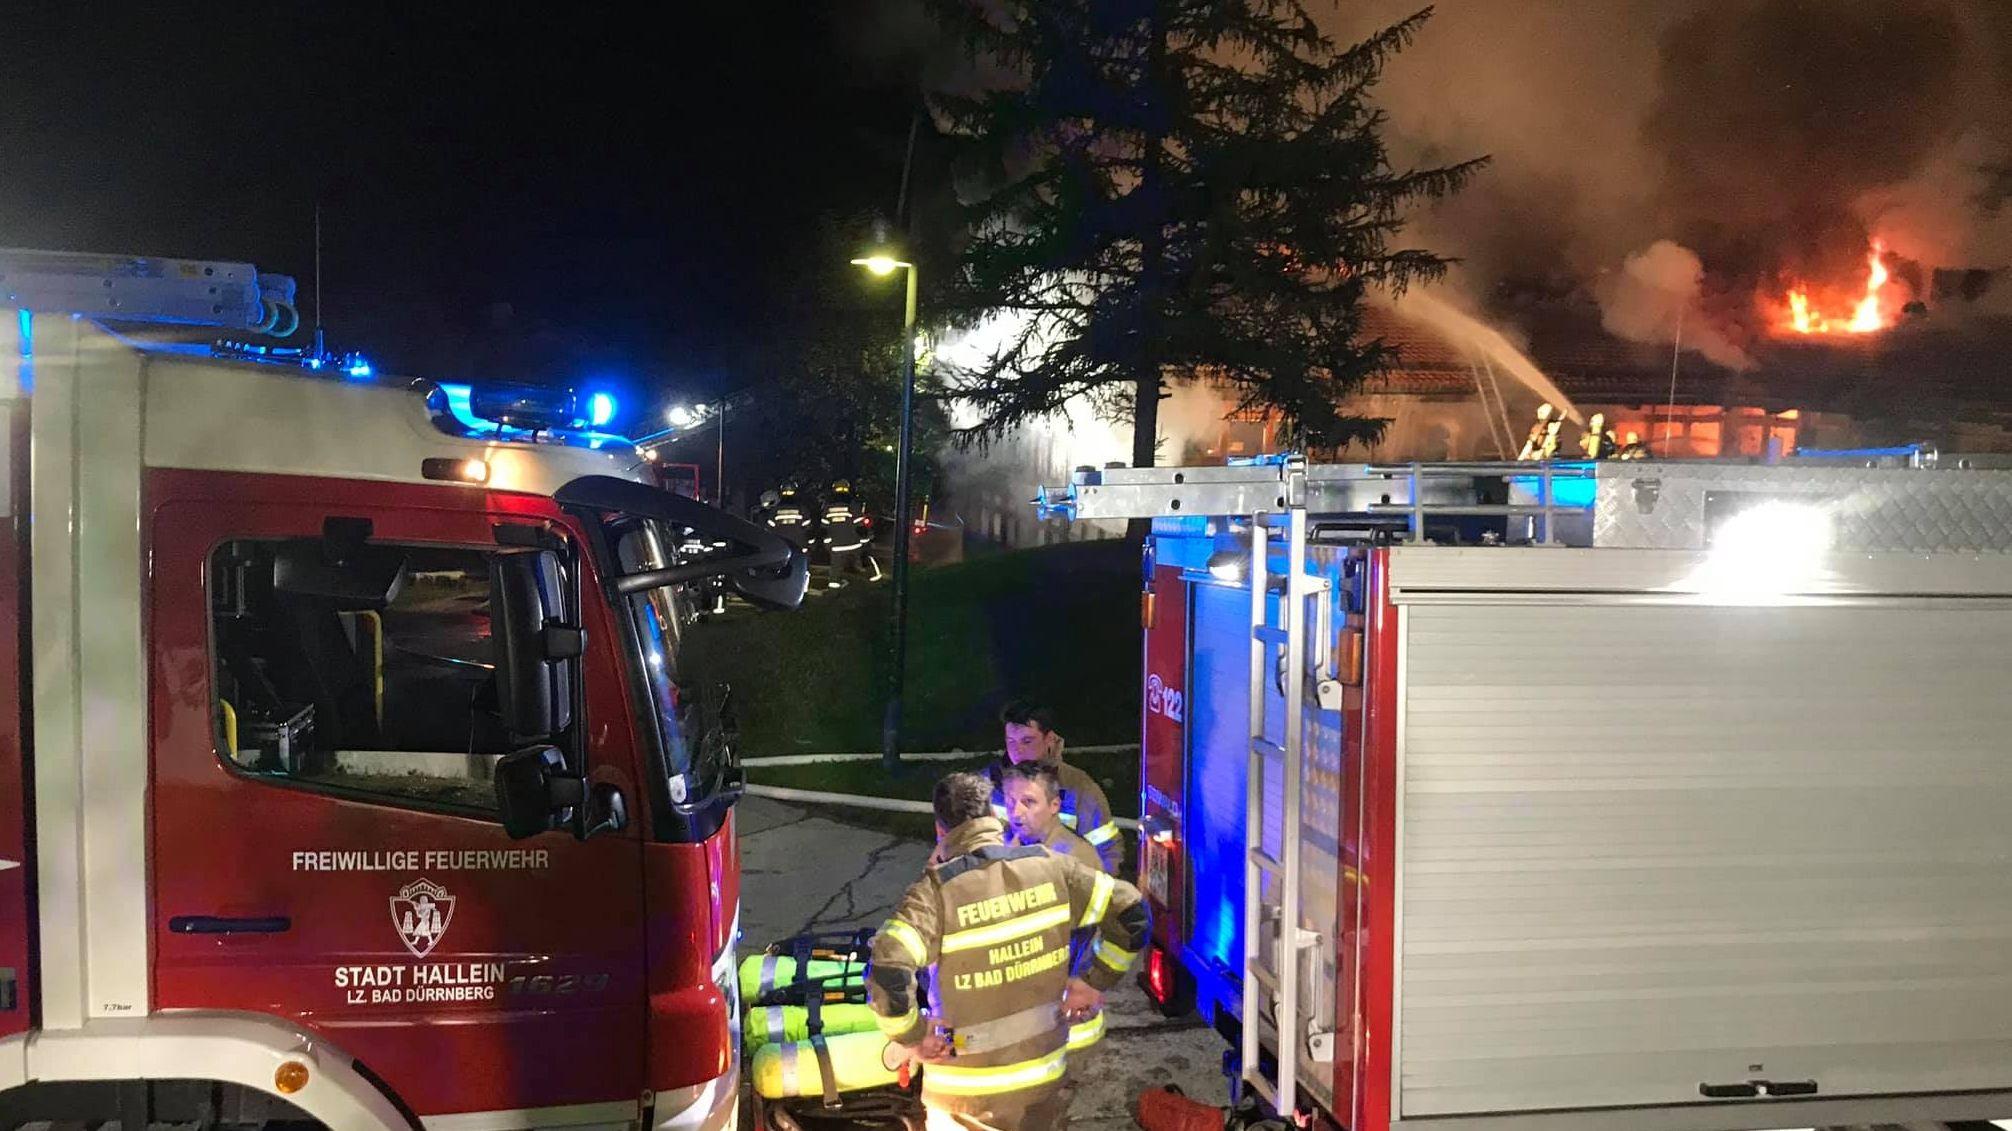 Großbrand in Berchtesgaden - die Feuerwehren löschen den Brand